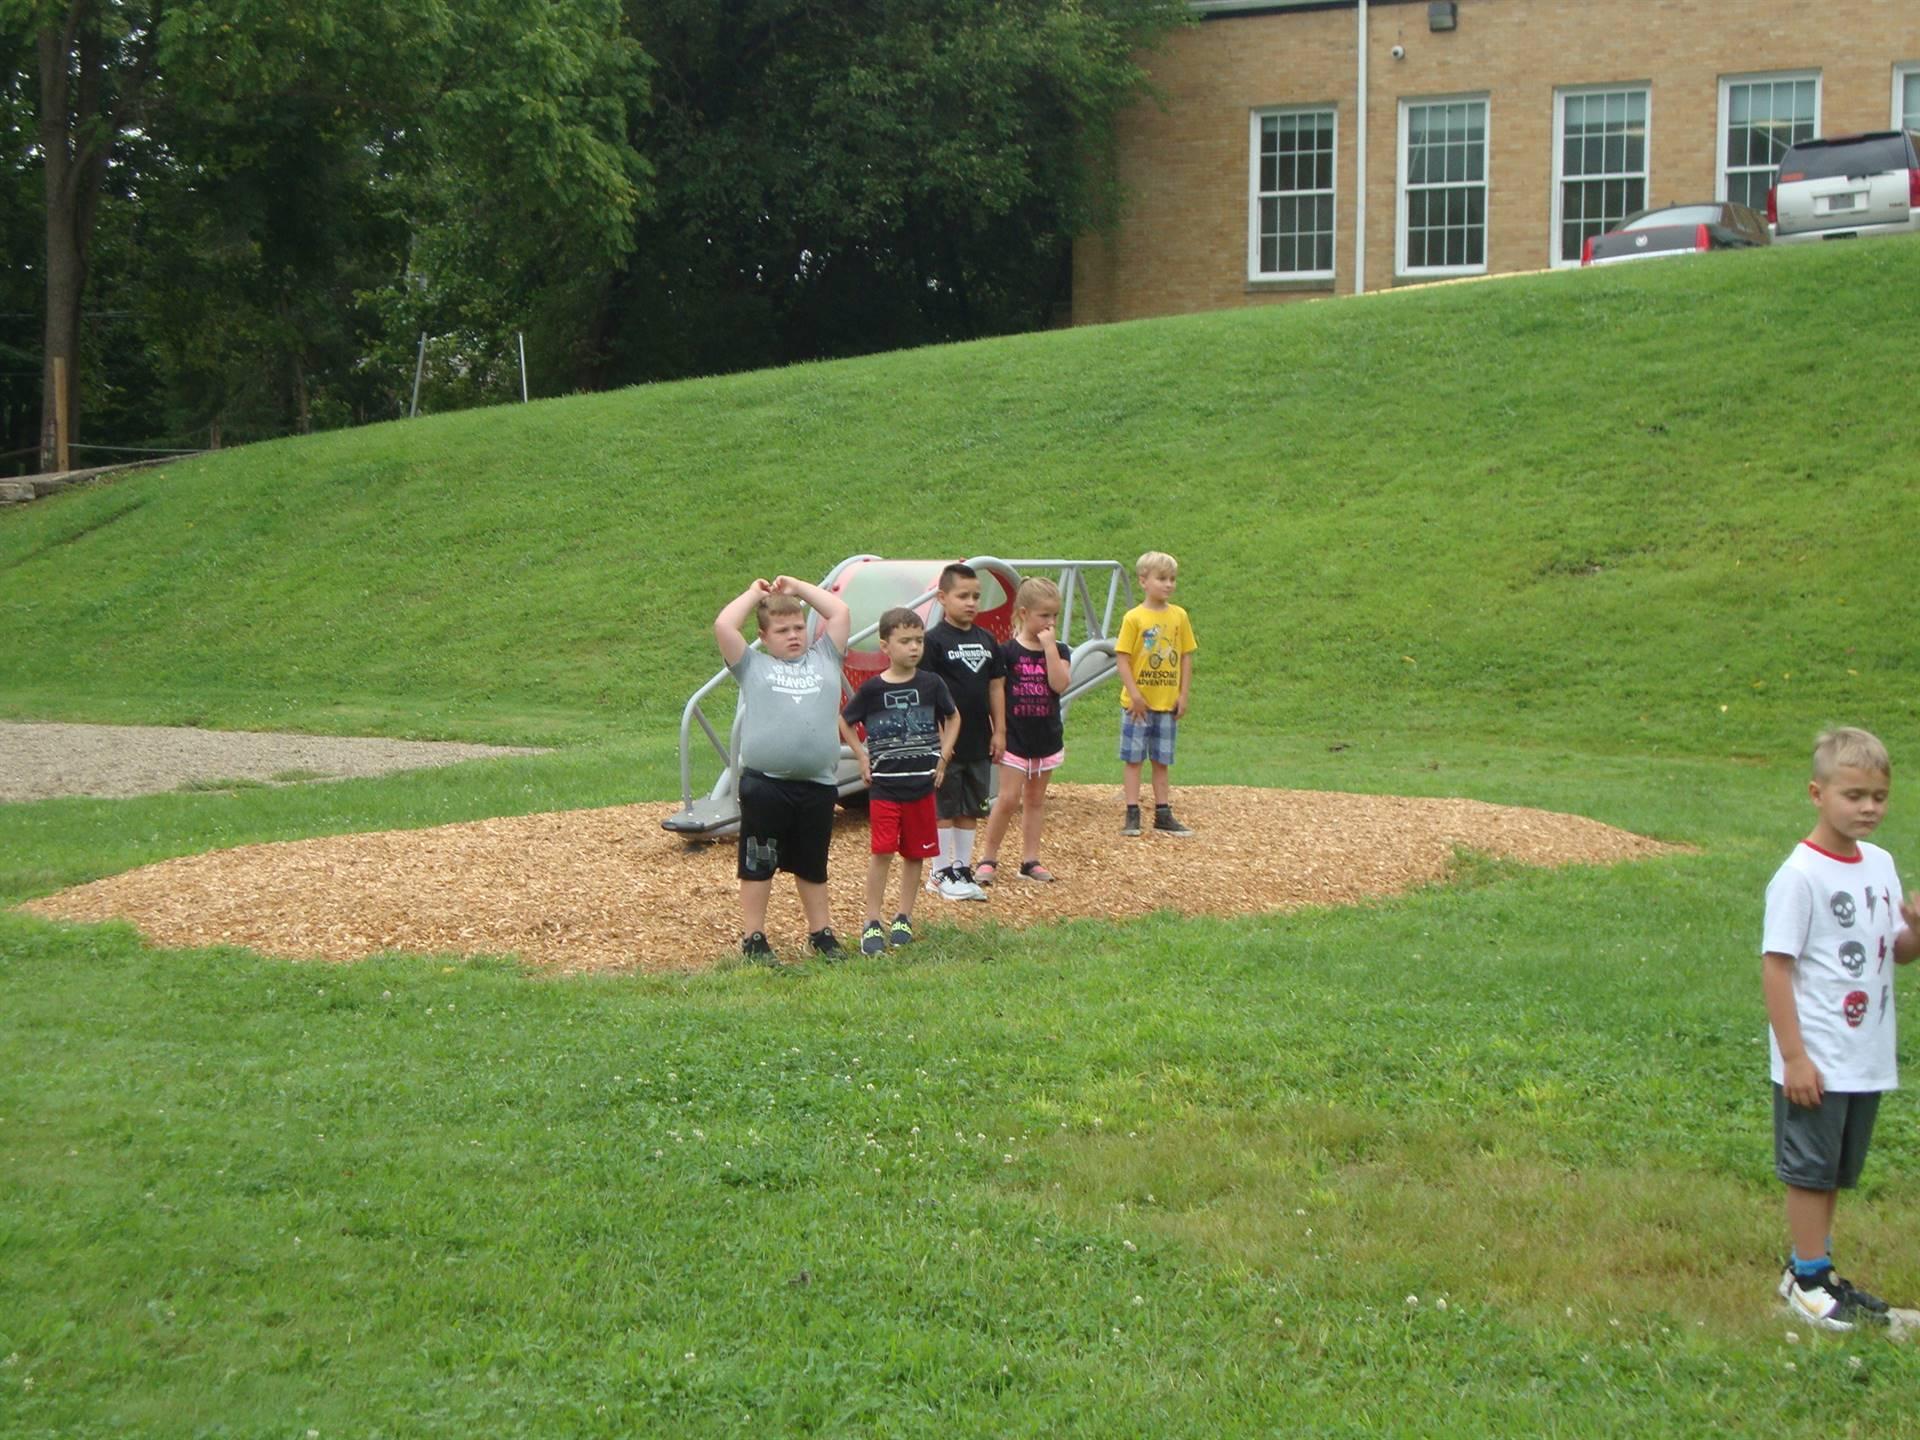 kids playing kickball